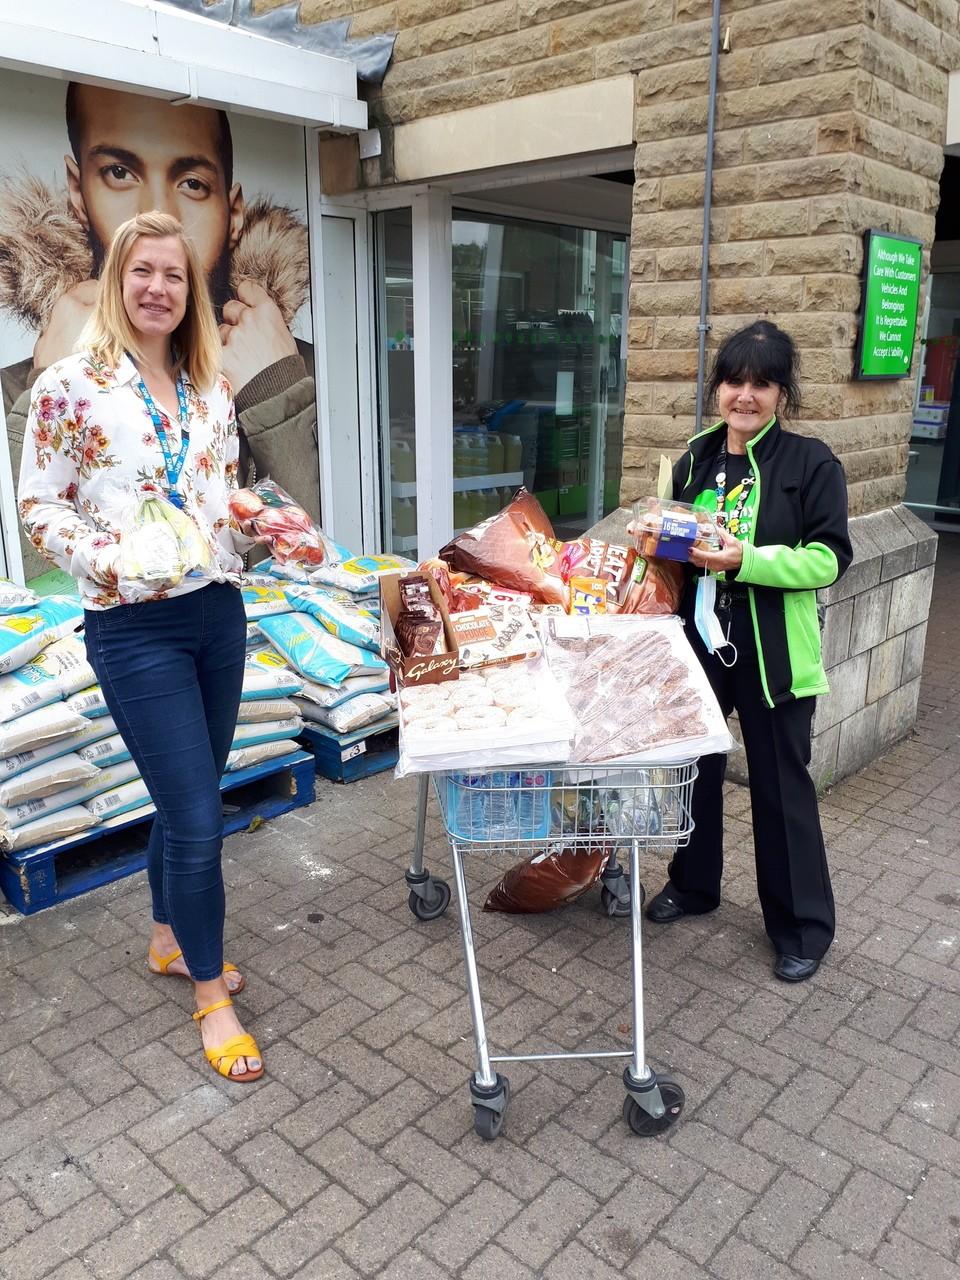 Donation toNHS Huddersfield | Asda Huddersfield